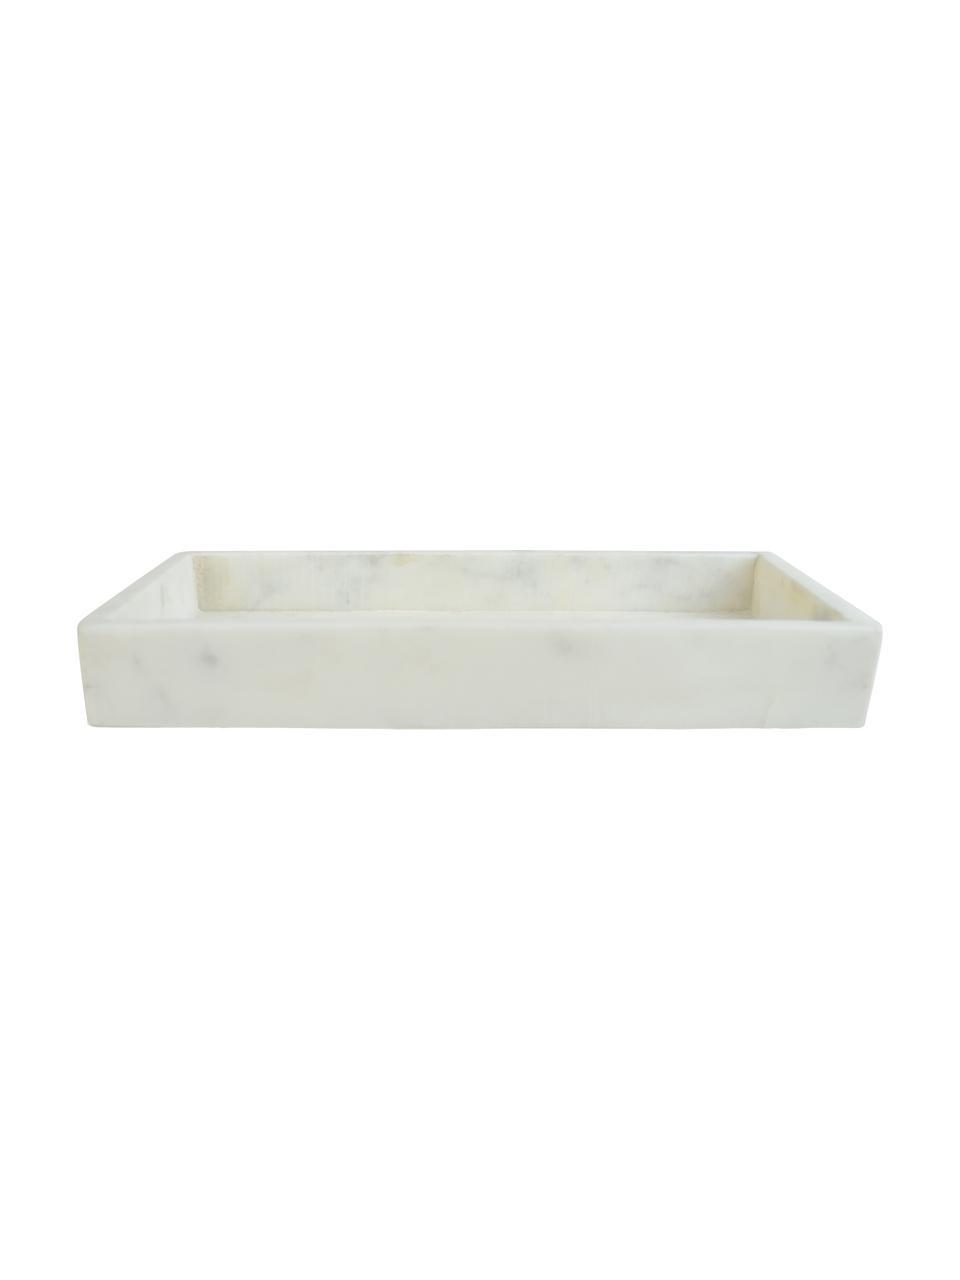 Vassoio decorativo in marmo Mera, Marmo, Bianco marmorizzato, Larg. 30 x Prof. 15 cm